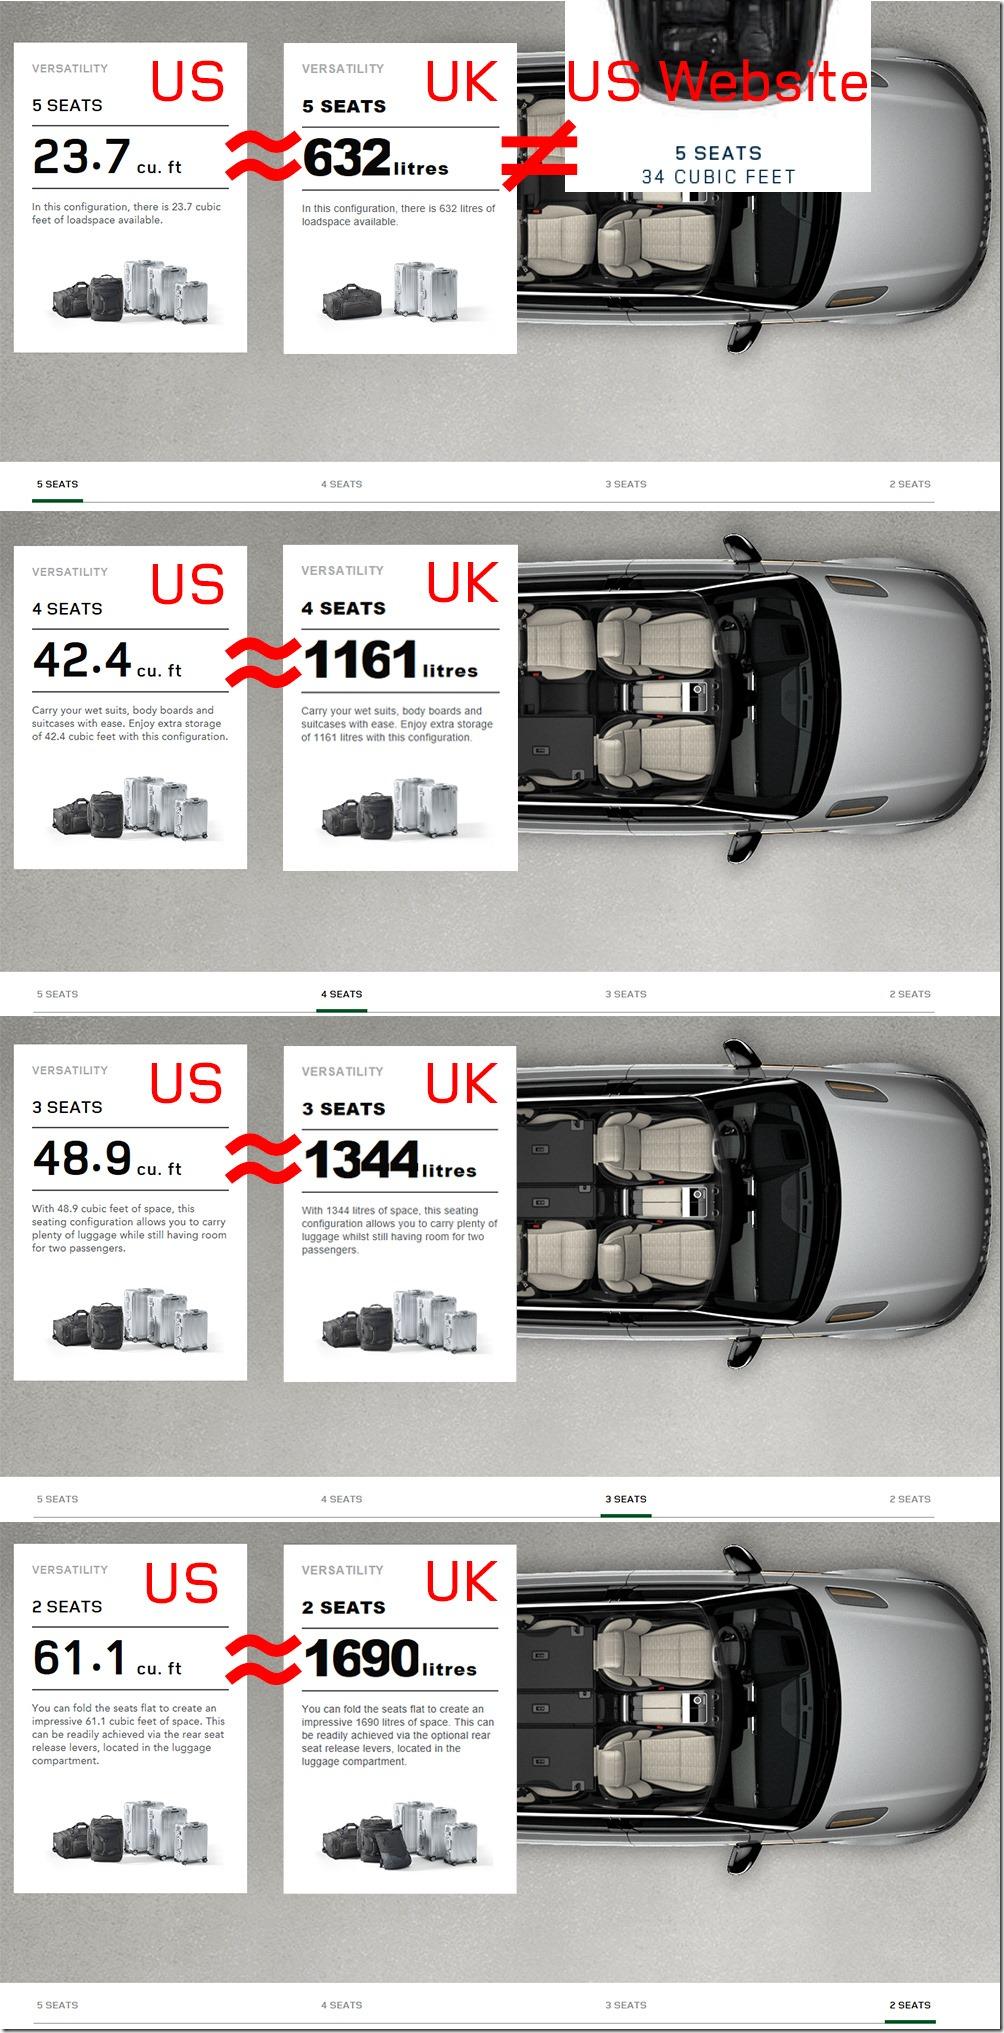 l560-cargo-comparo-us-uk